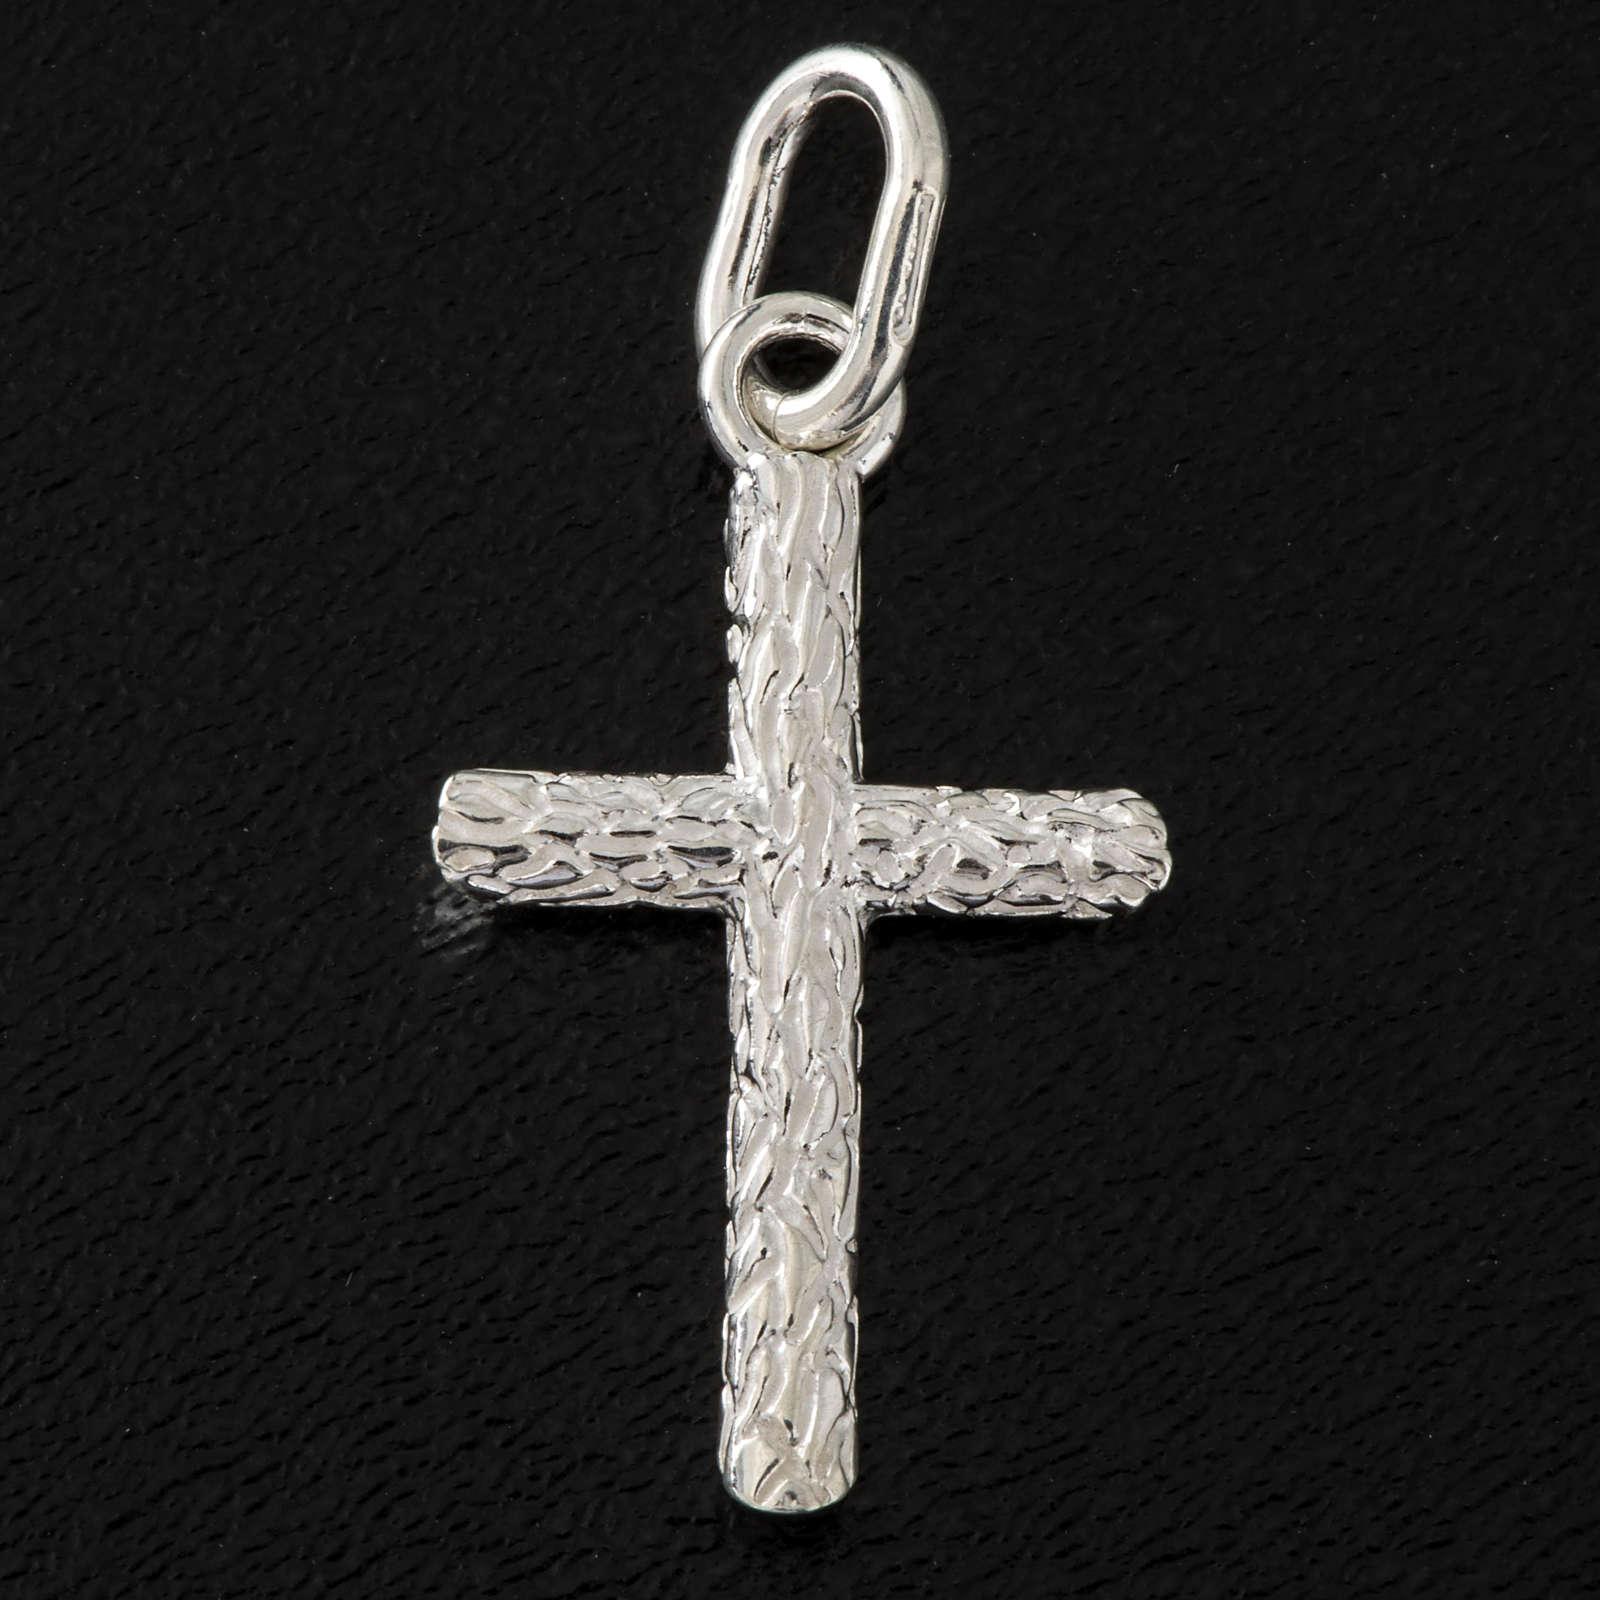 Croce lavorata argento 925 cm 2,5 4